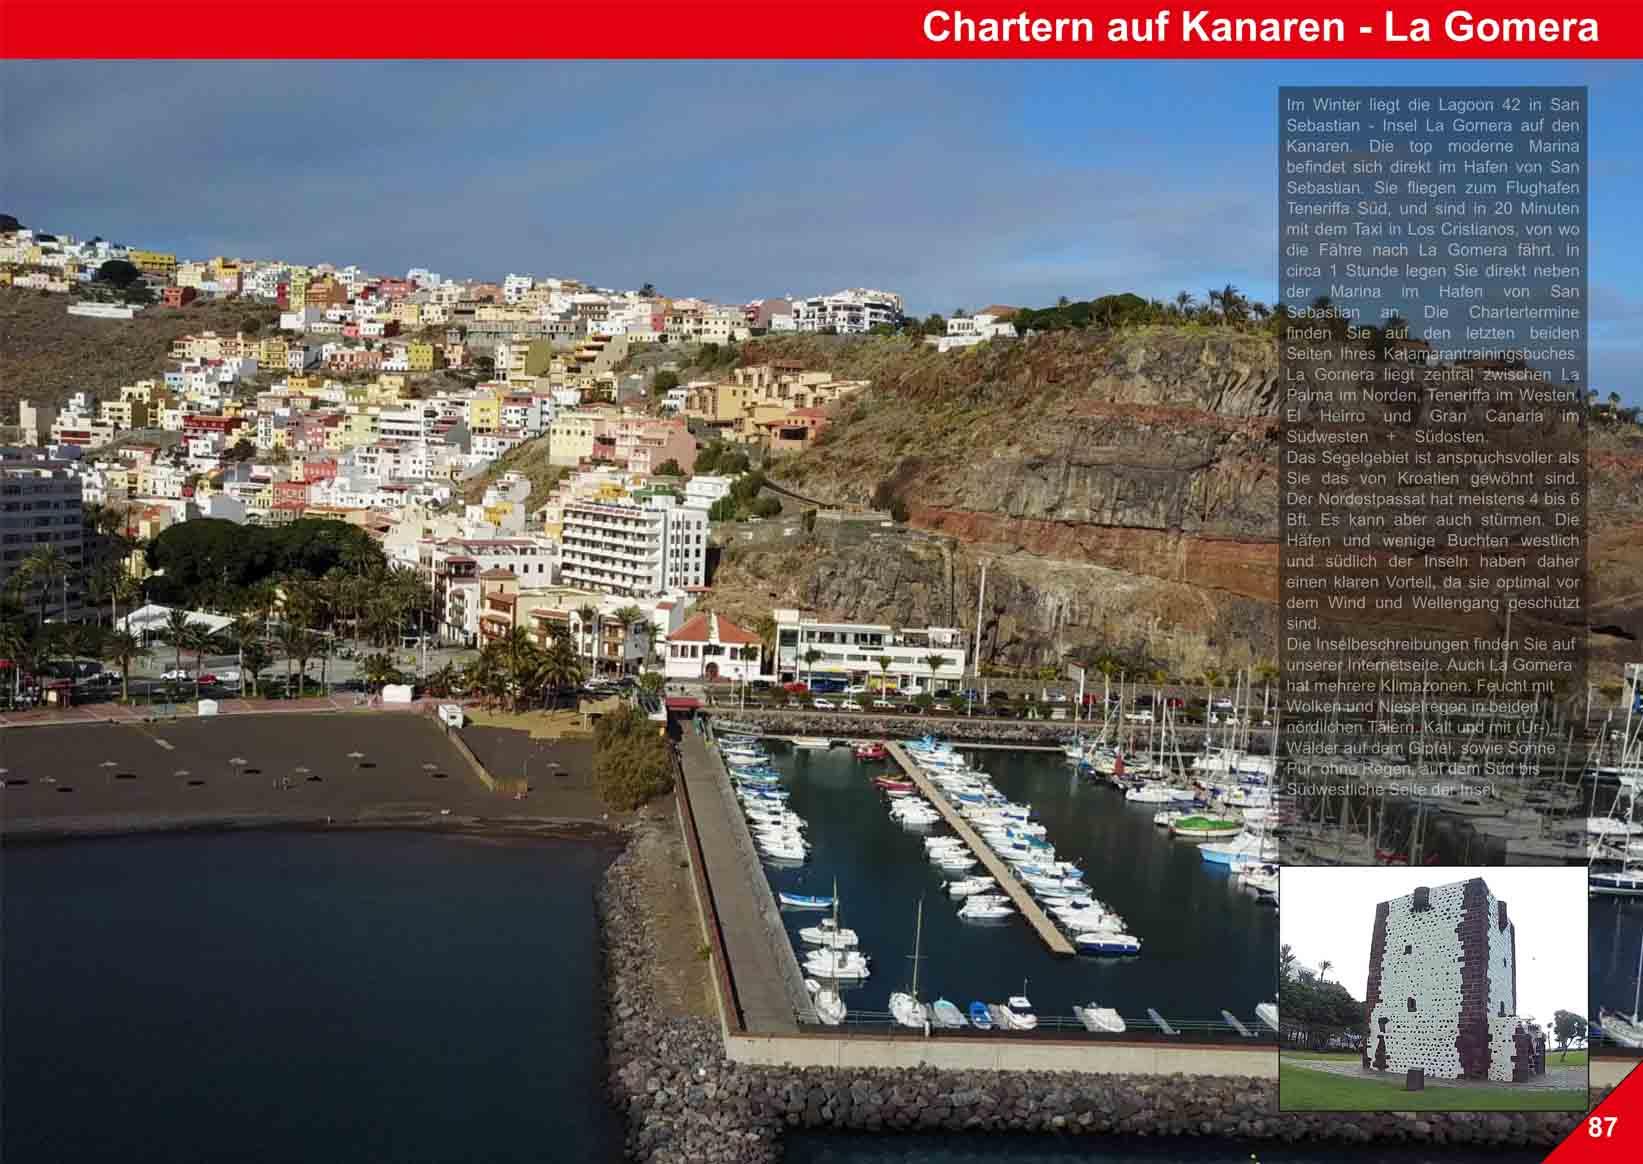 Marina La Gomera - Canary Islands